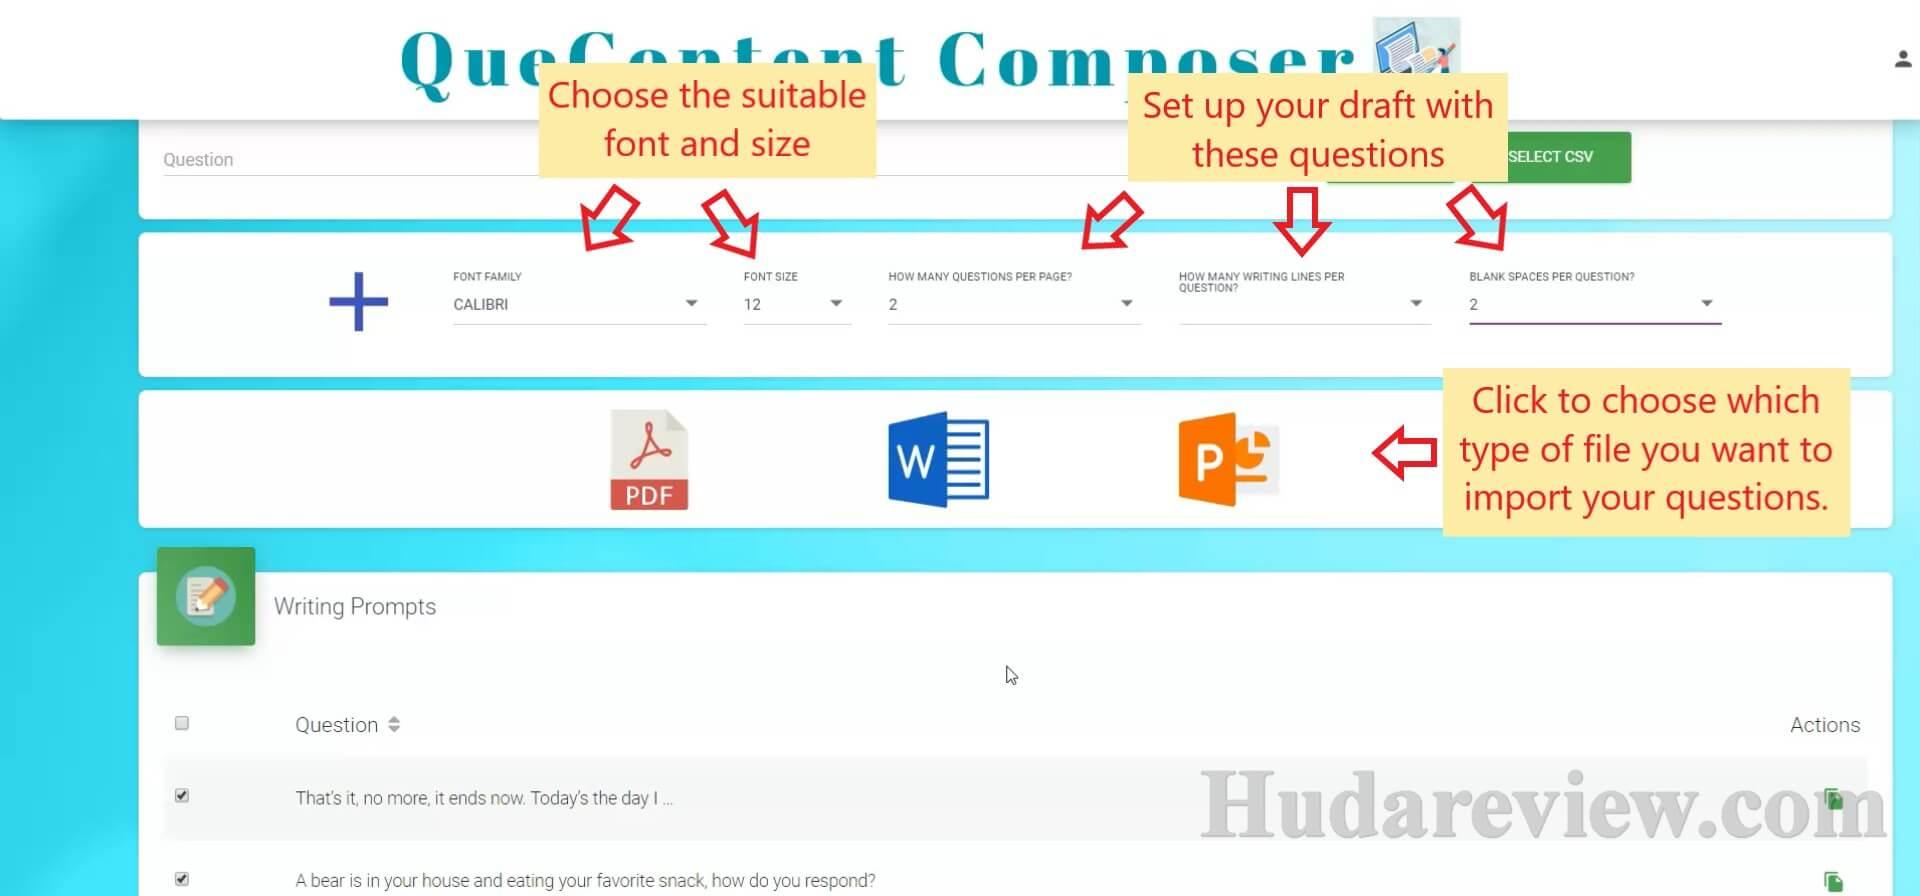 QueContent-Composer-Step-3-3